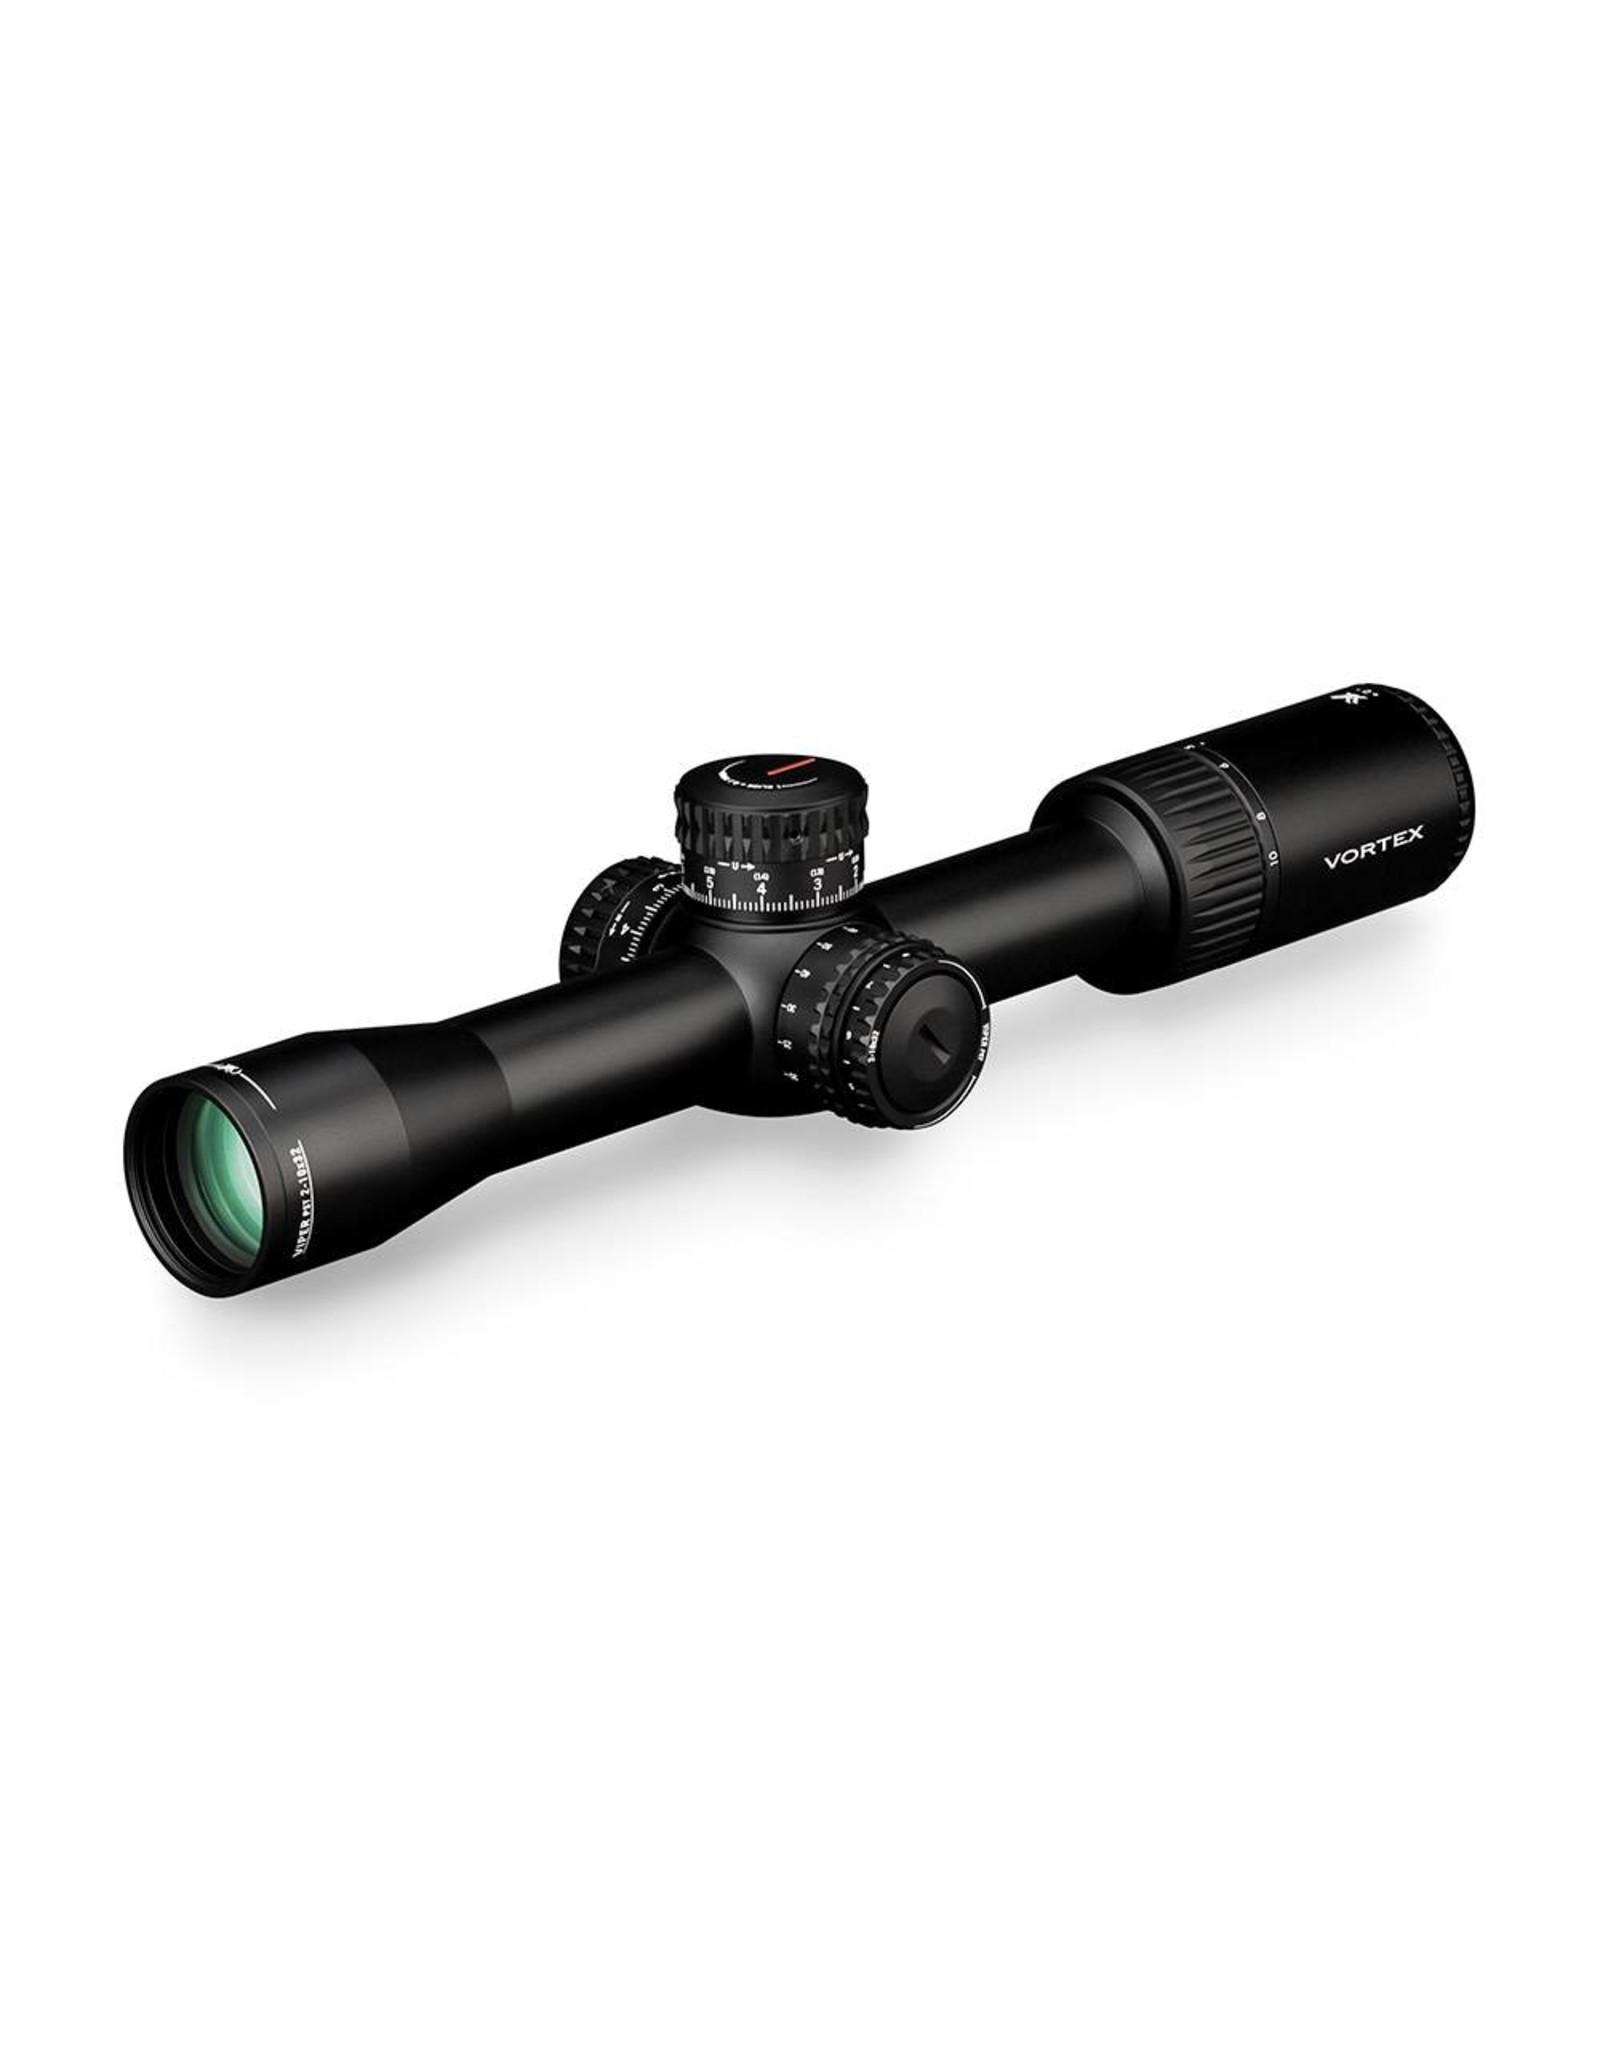 Vortex Vortex Viper PST 2-10x32 FFP Riflescope with EBR-4 MRAD